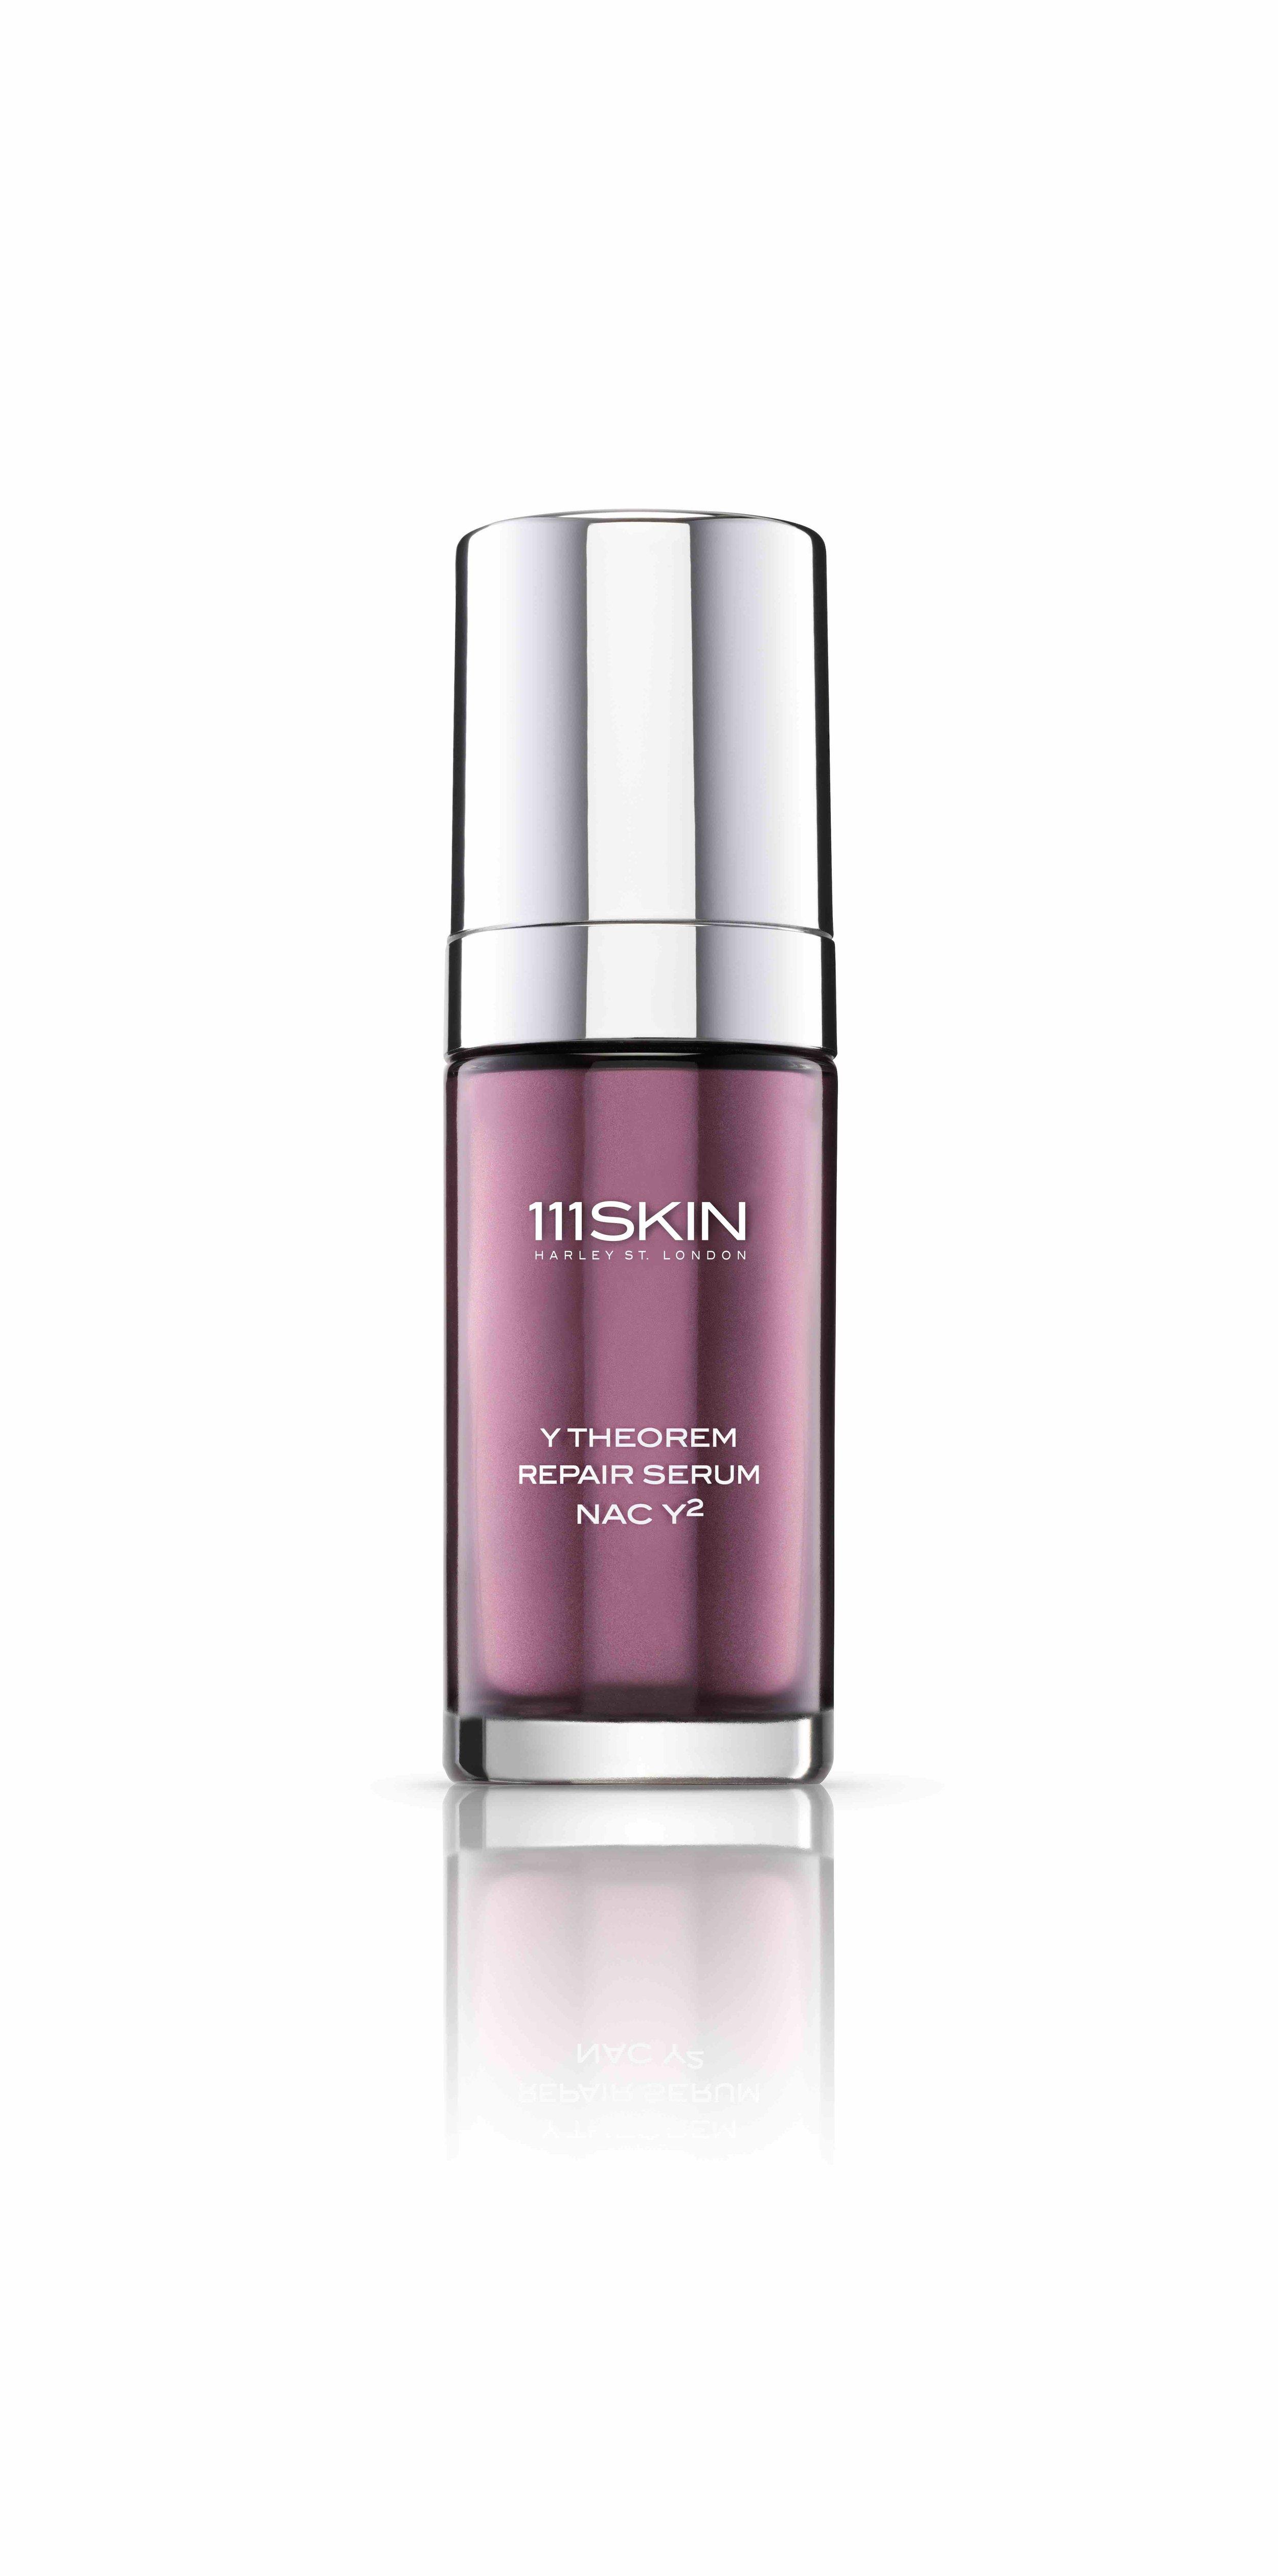 111-skin-serum